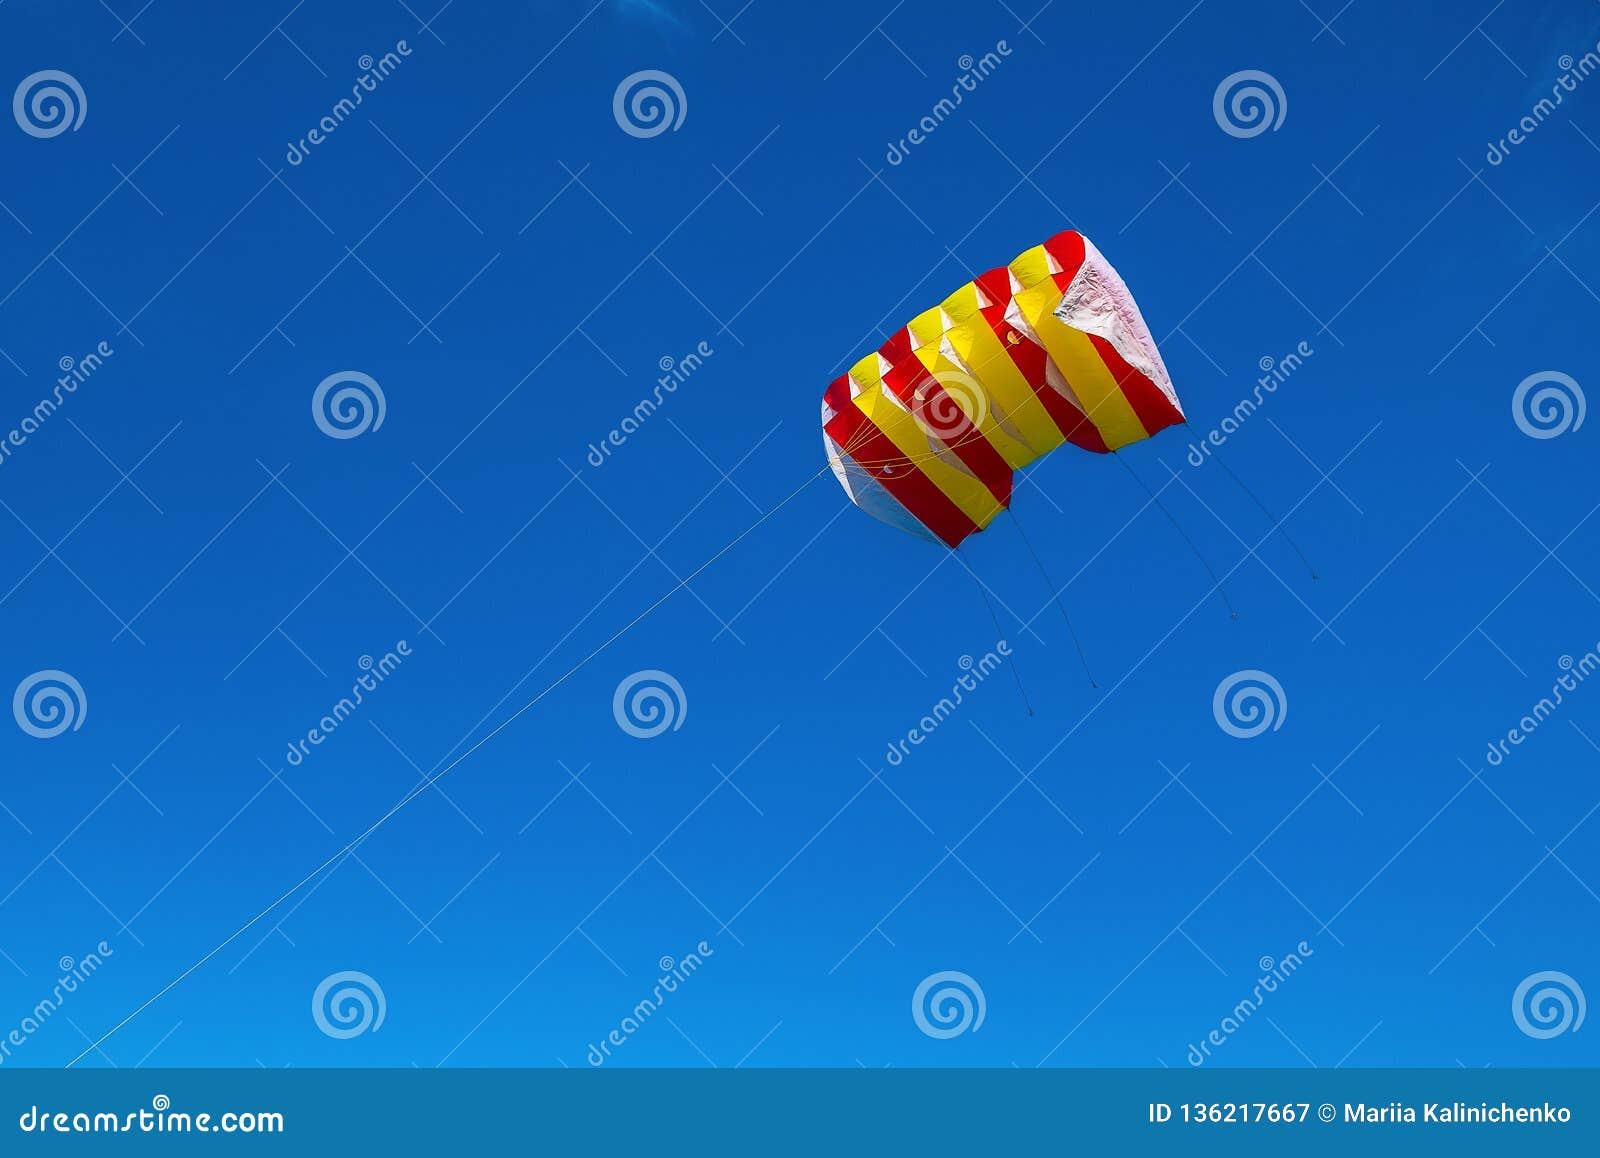 Vol rayé jaune, blanc et rouge de cerf-volant contre un ciel bleu